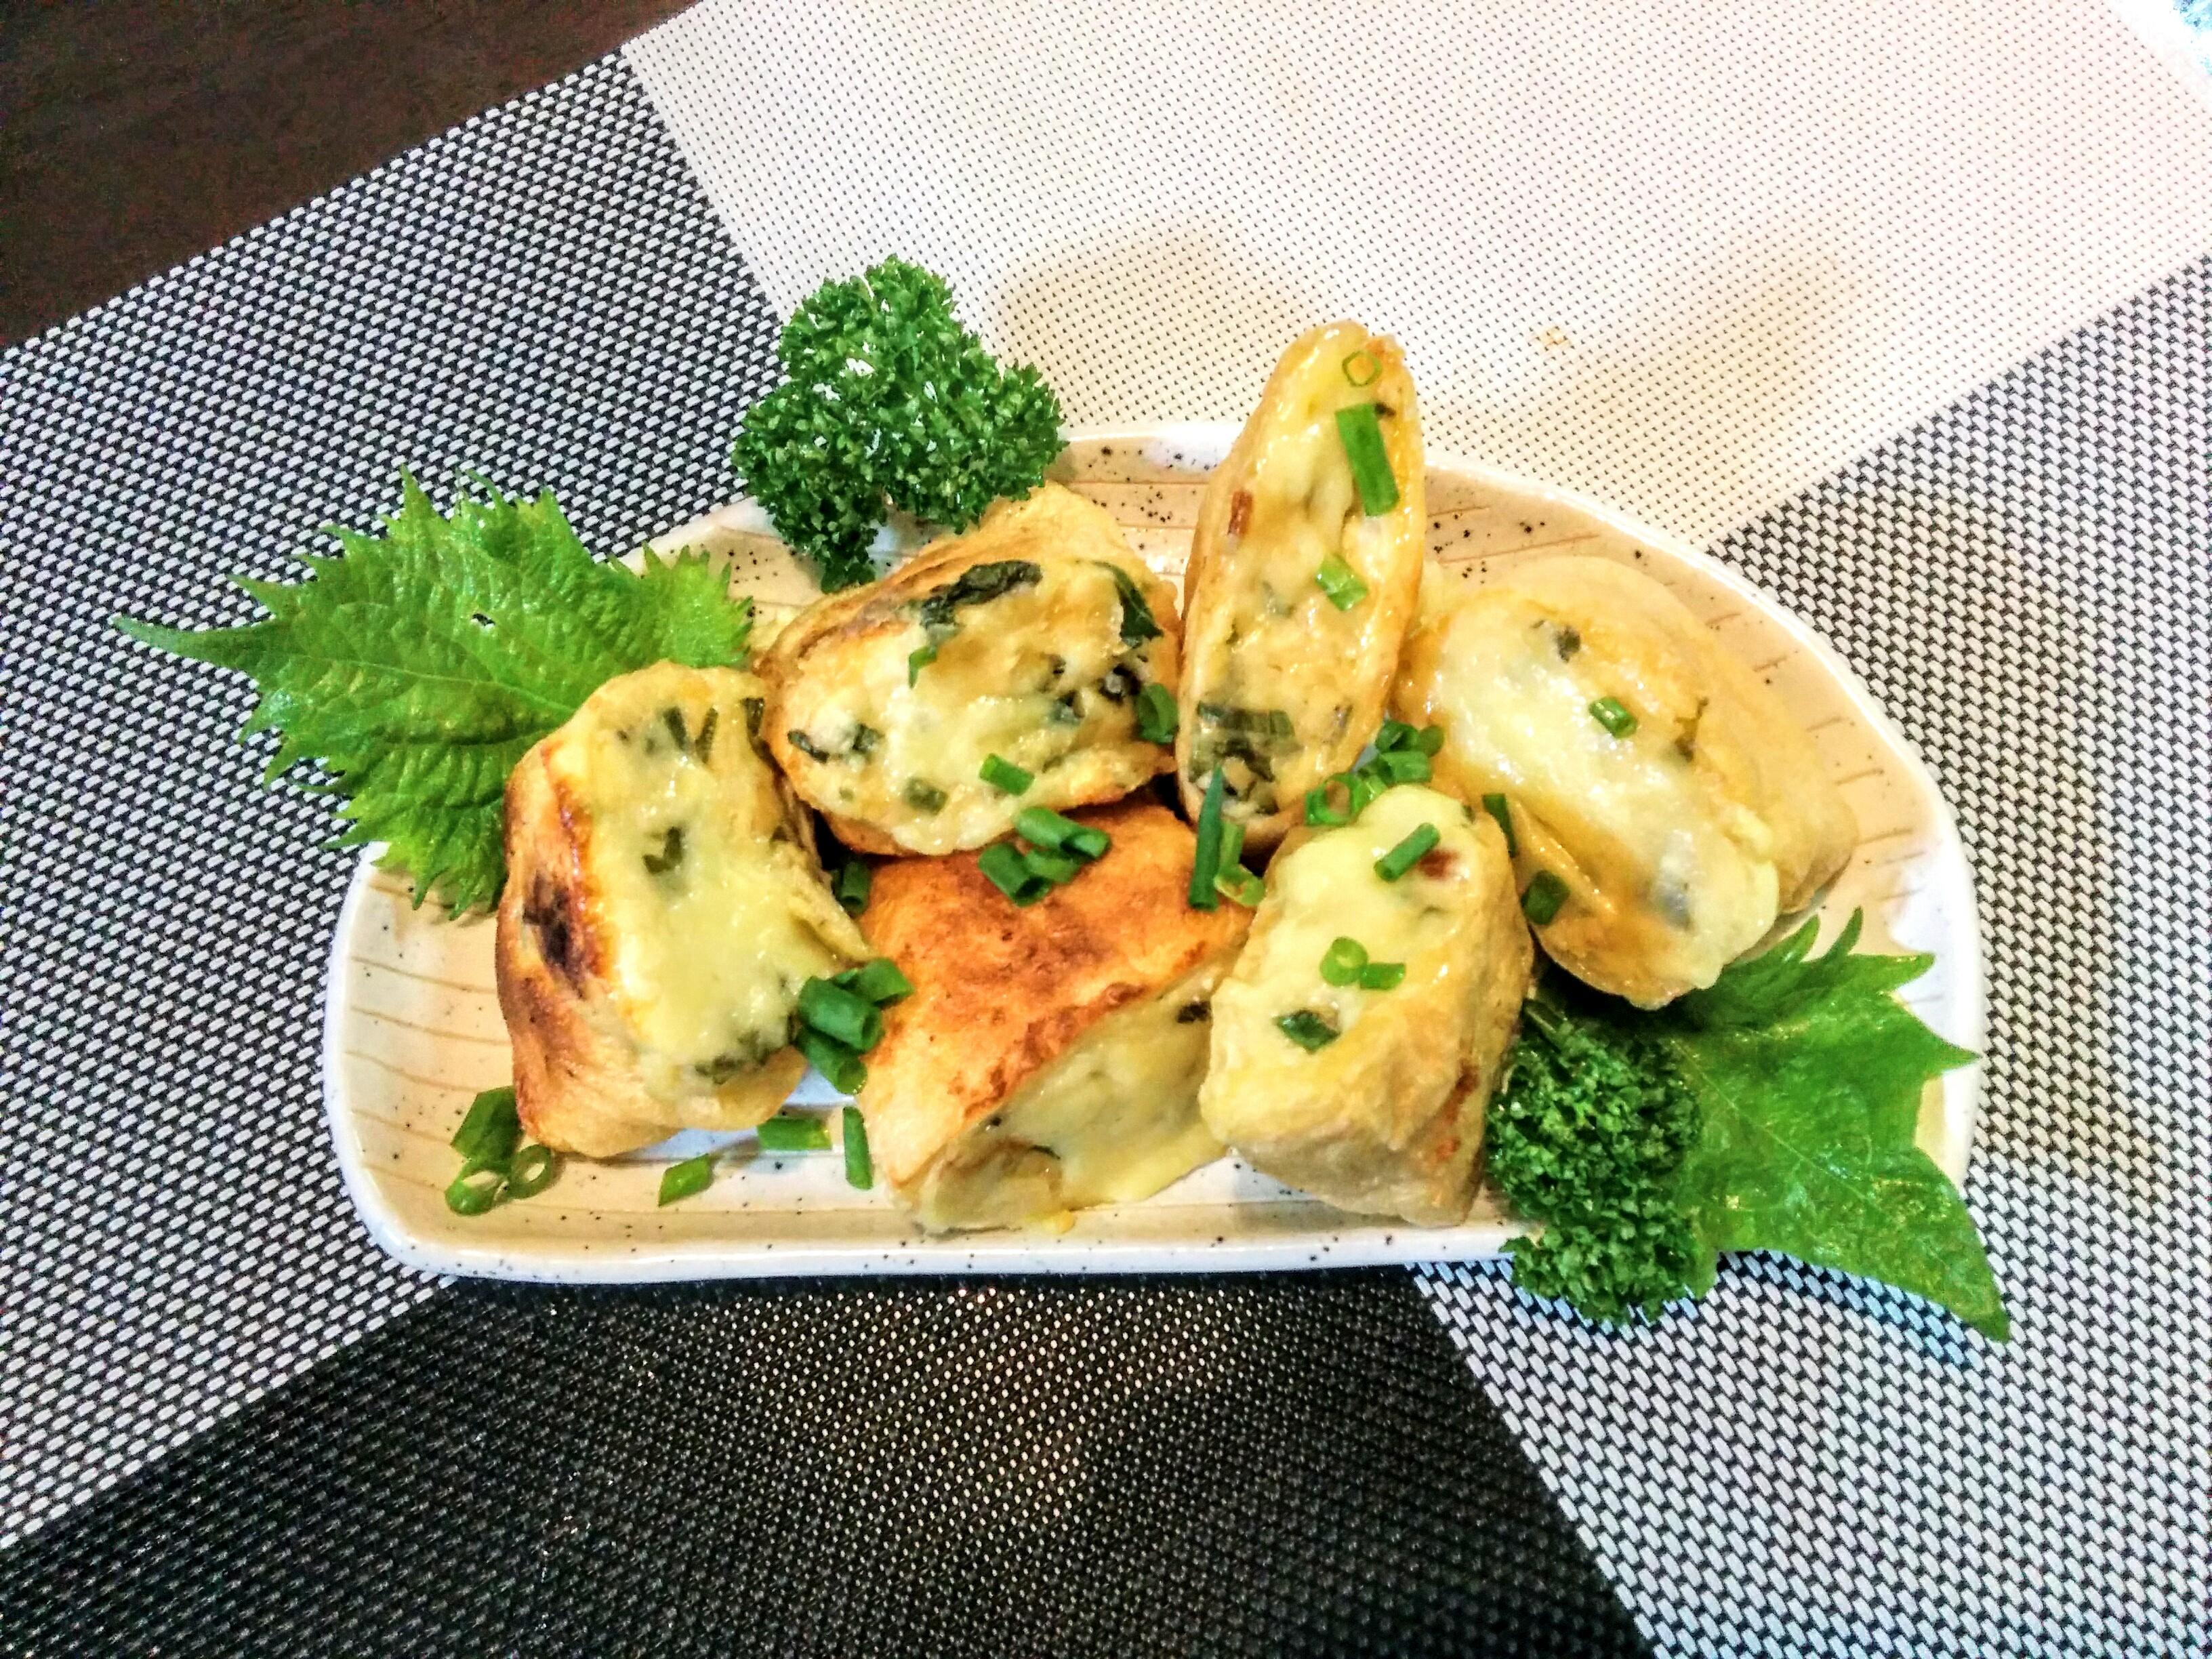 【小樽】お家御飯・油揚げのヘルシー豆腐チーズ焼きグルメ案内です。